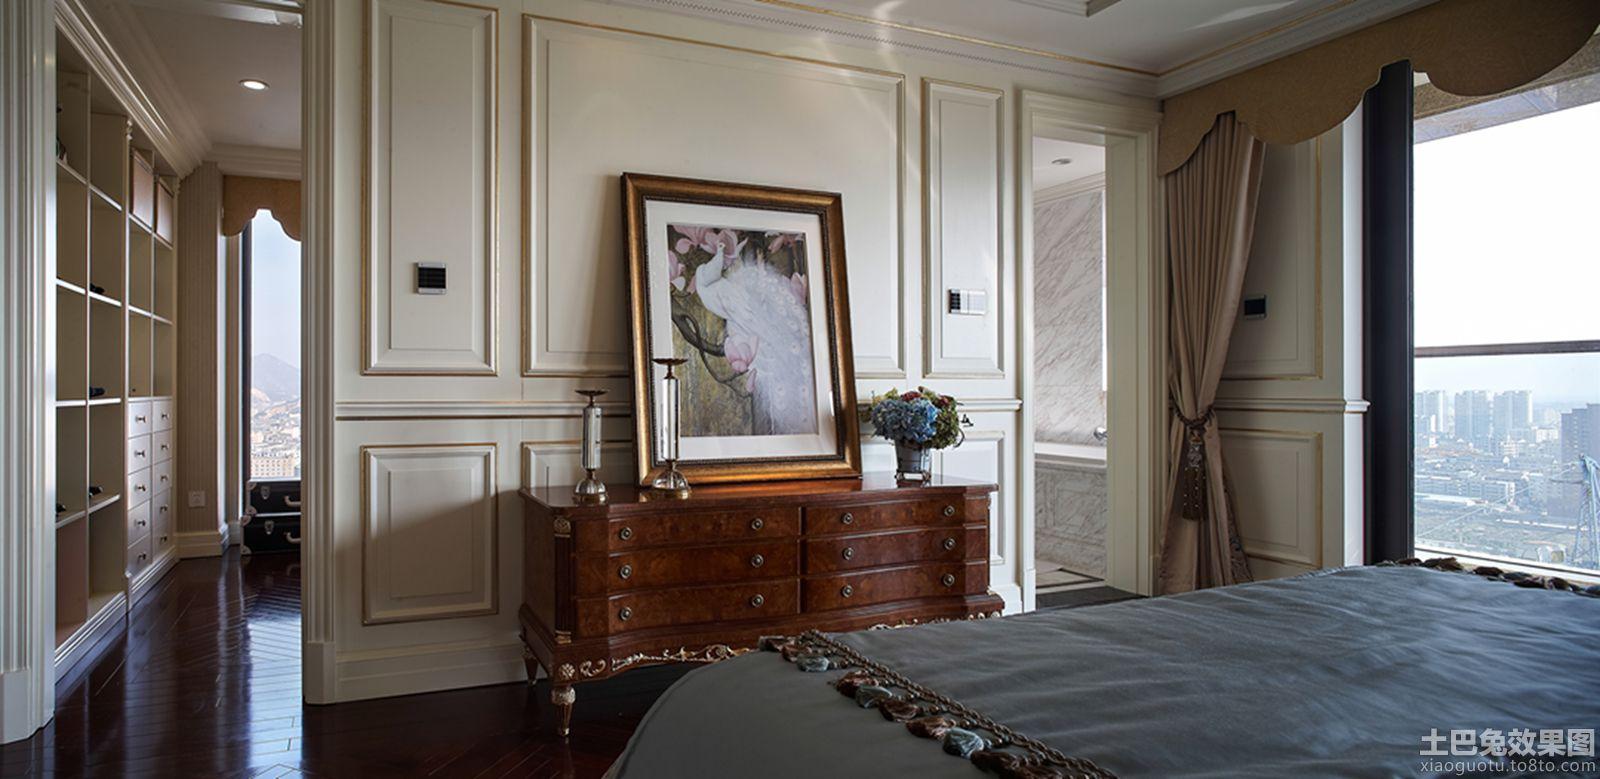 美欧风格卧室隔断墙装修效果图